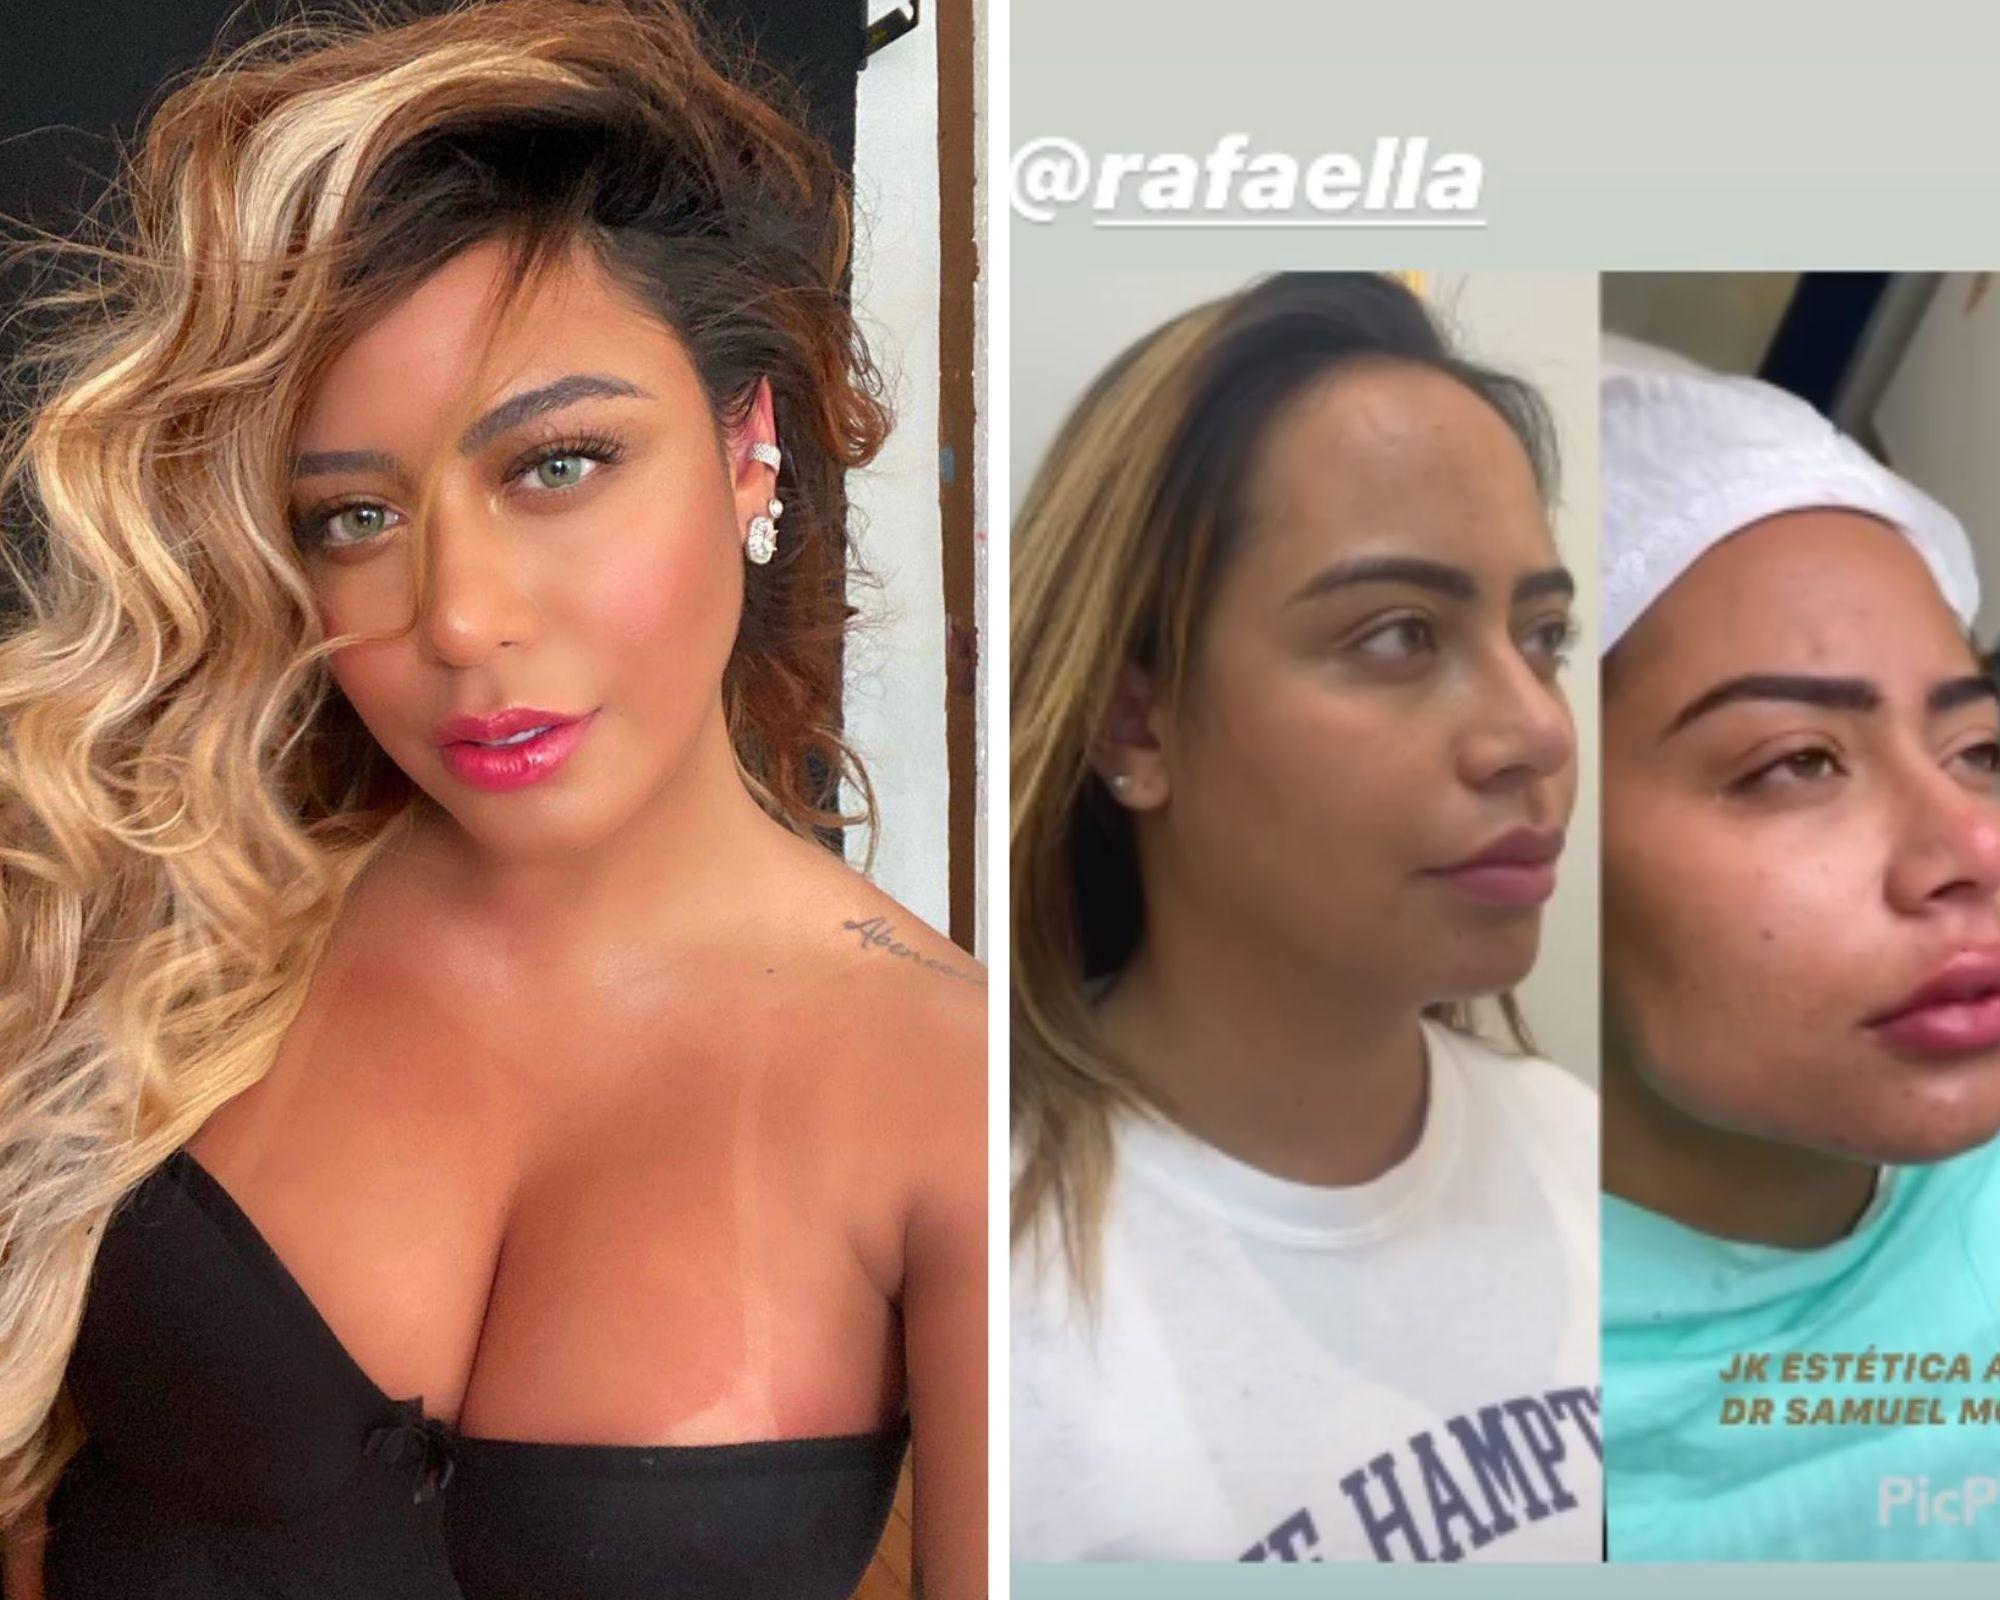 Médico mostra antes e depois de remodelação no rosto de Rafaela Santos - Imagem 1